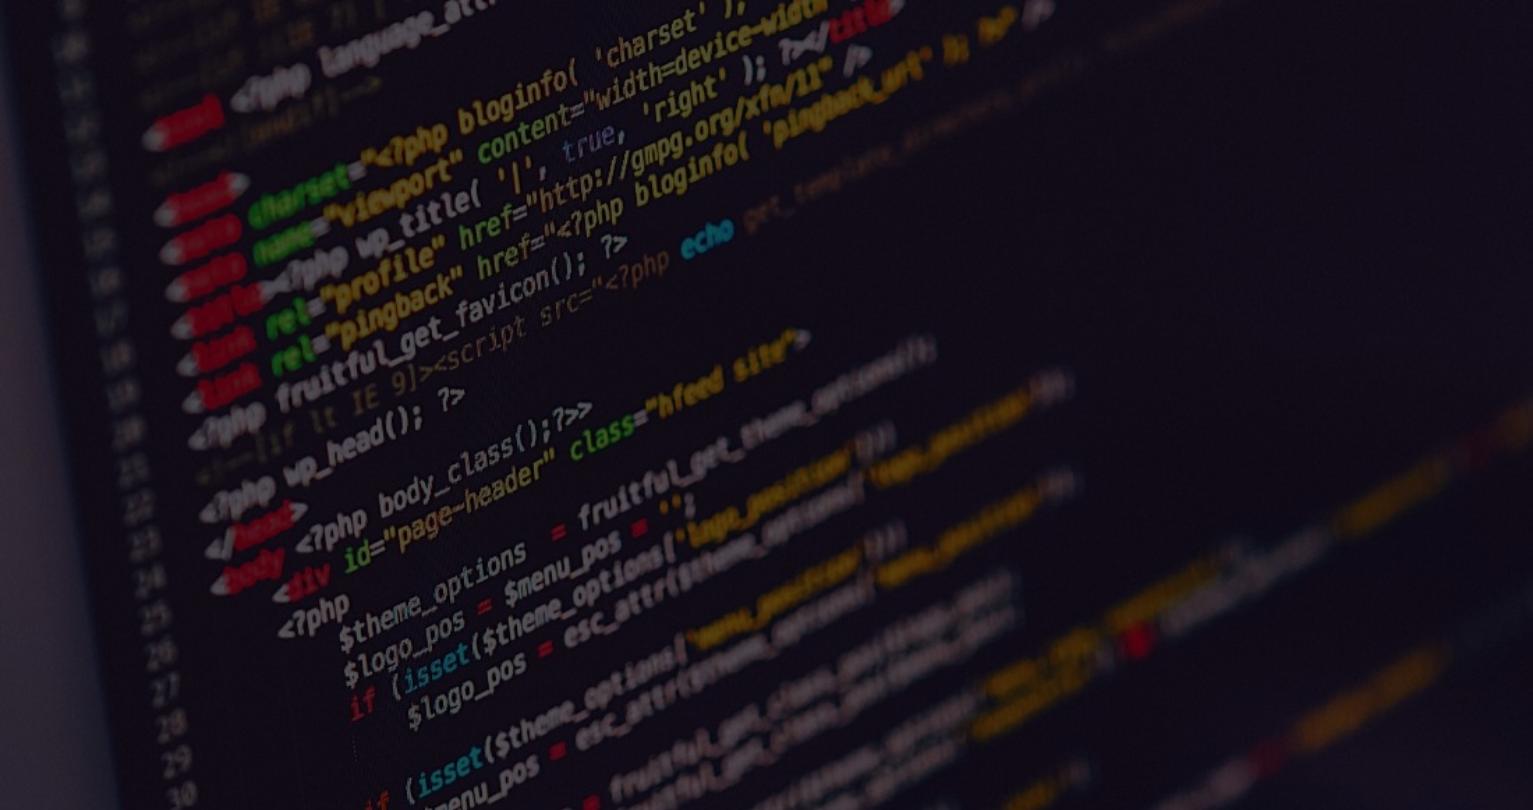 Primeiros passos em programação front-end